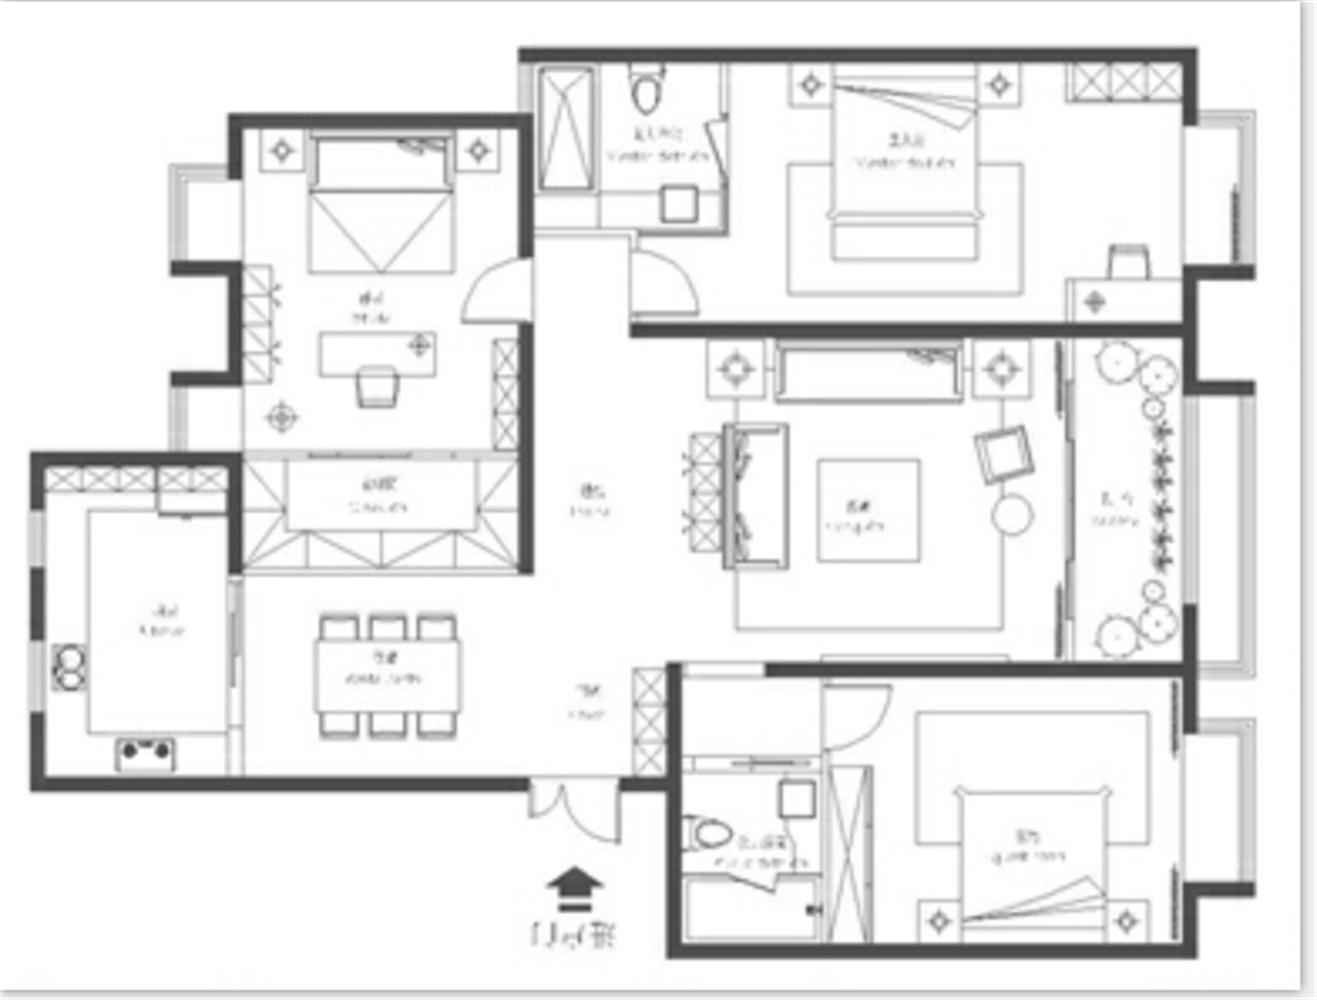 厨房与阳台打通,卫生间平开门改动,书房的改动